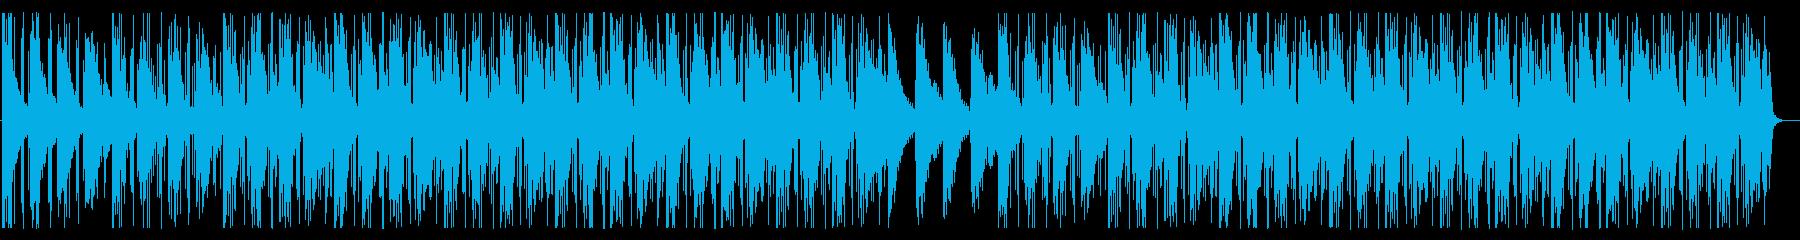 海/生演奏/R&B_No607_6の再生済みの波形